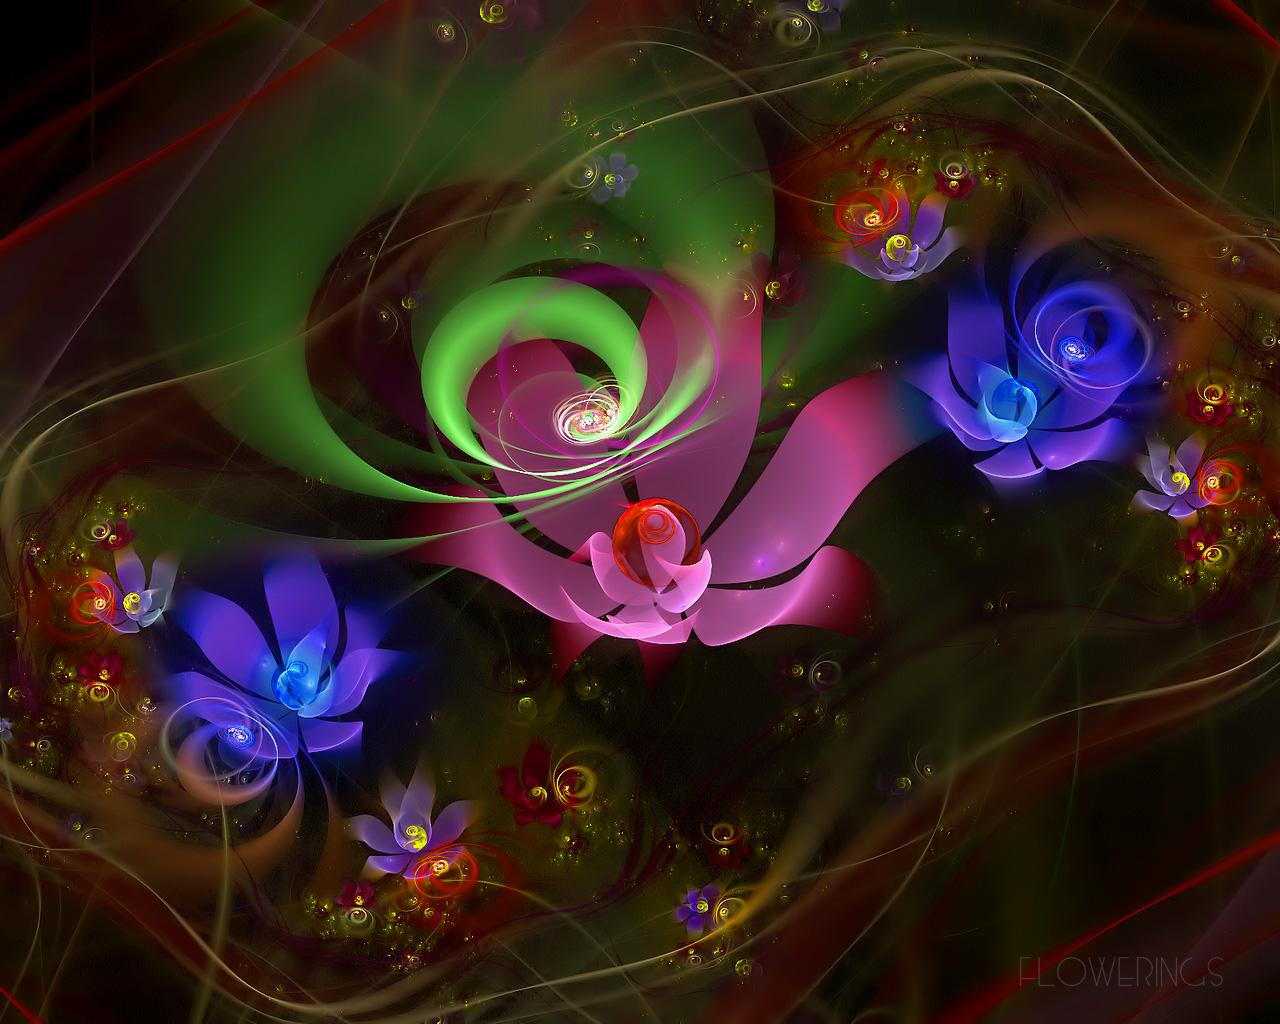 http://2.bp.blogspot.com/-FFcj9MyYRnQ/TkN4wOywHRI/AAAAAAAAABg/3s_v0Z5Gk0k/s1600/Colourful+Wallpaper+Collection+Series+01+%252813%2529.jpg